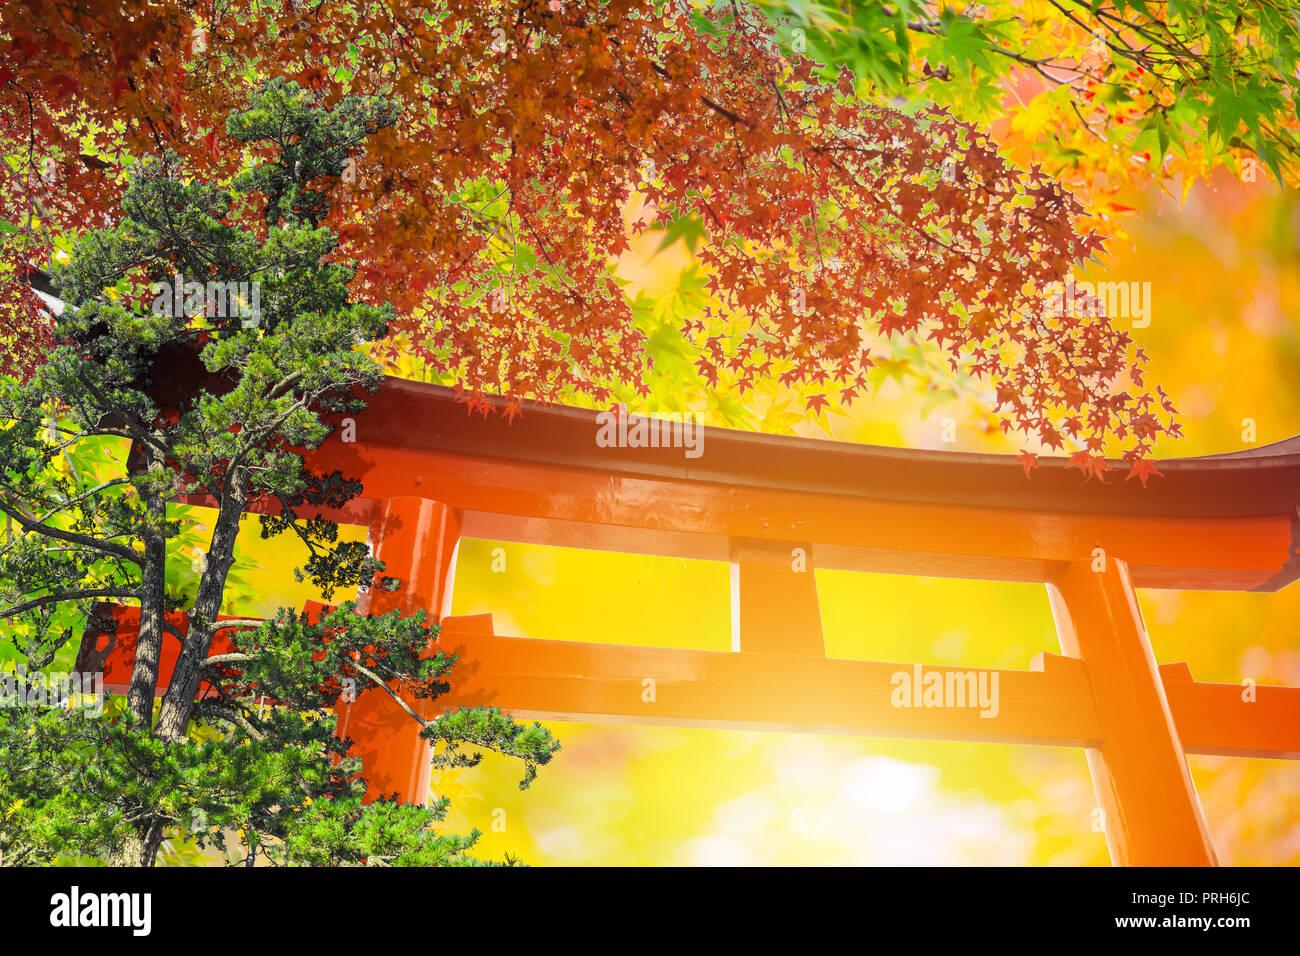 Ahorn Mit Holz Rotes Tor Natur Von Japan Im Herbst Reisen Kunst Dekoration Fur Hintergrund Oder Postkarte Stockfotografie Alamy